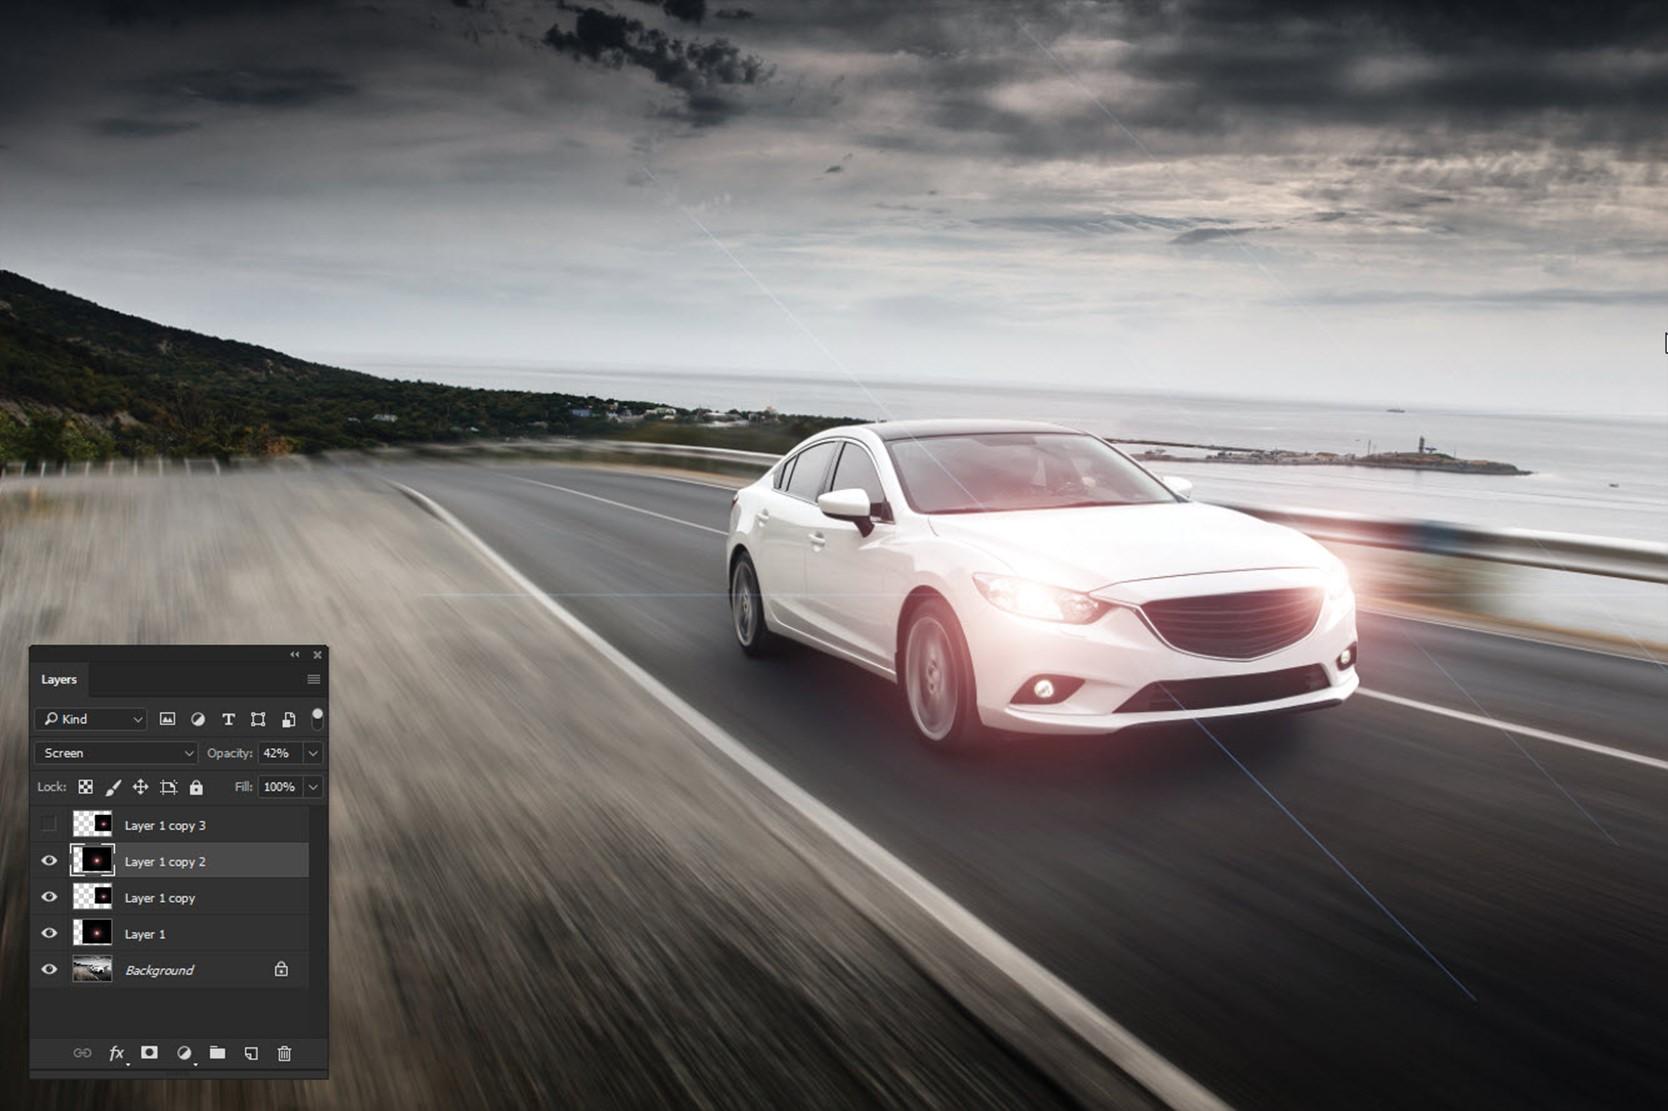 091017_1237_AddRealisti9 - Add Realistic Headlights in Car using Photoshop